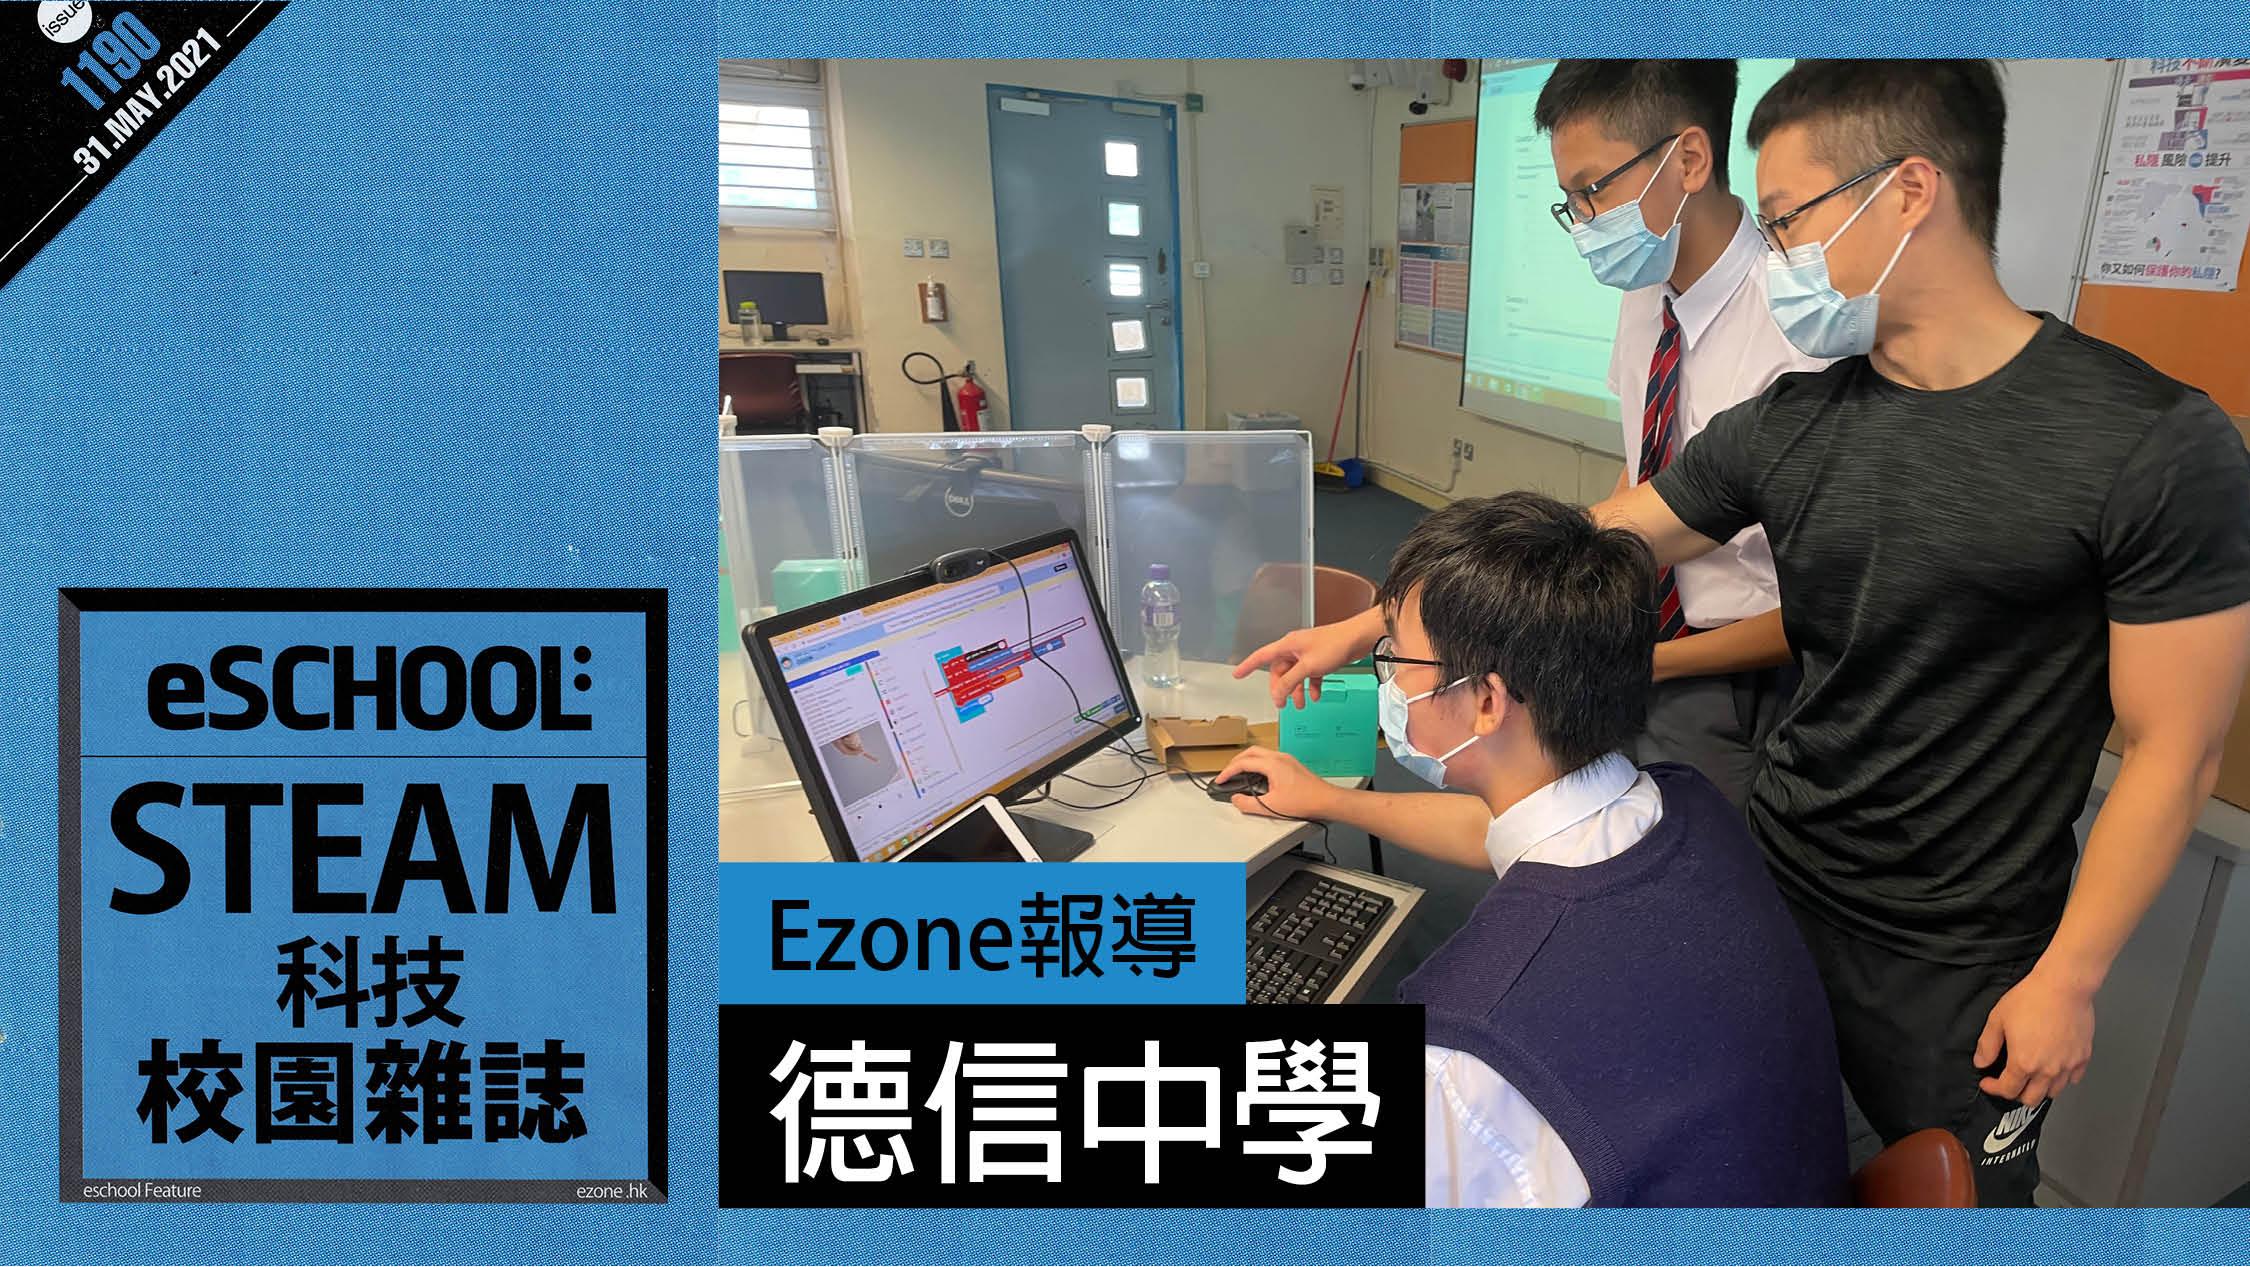 20210611 - Ezone1